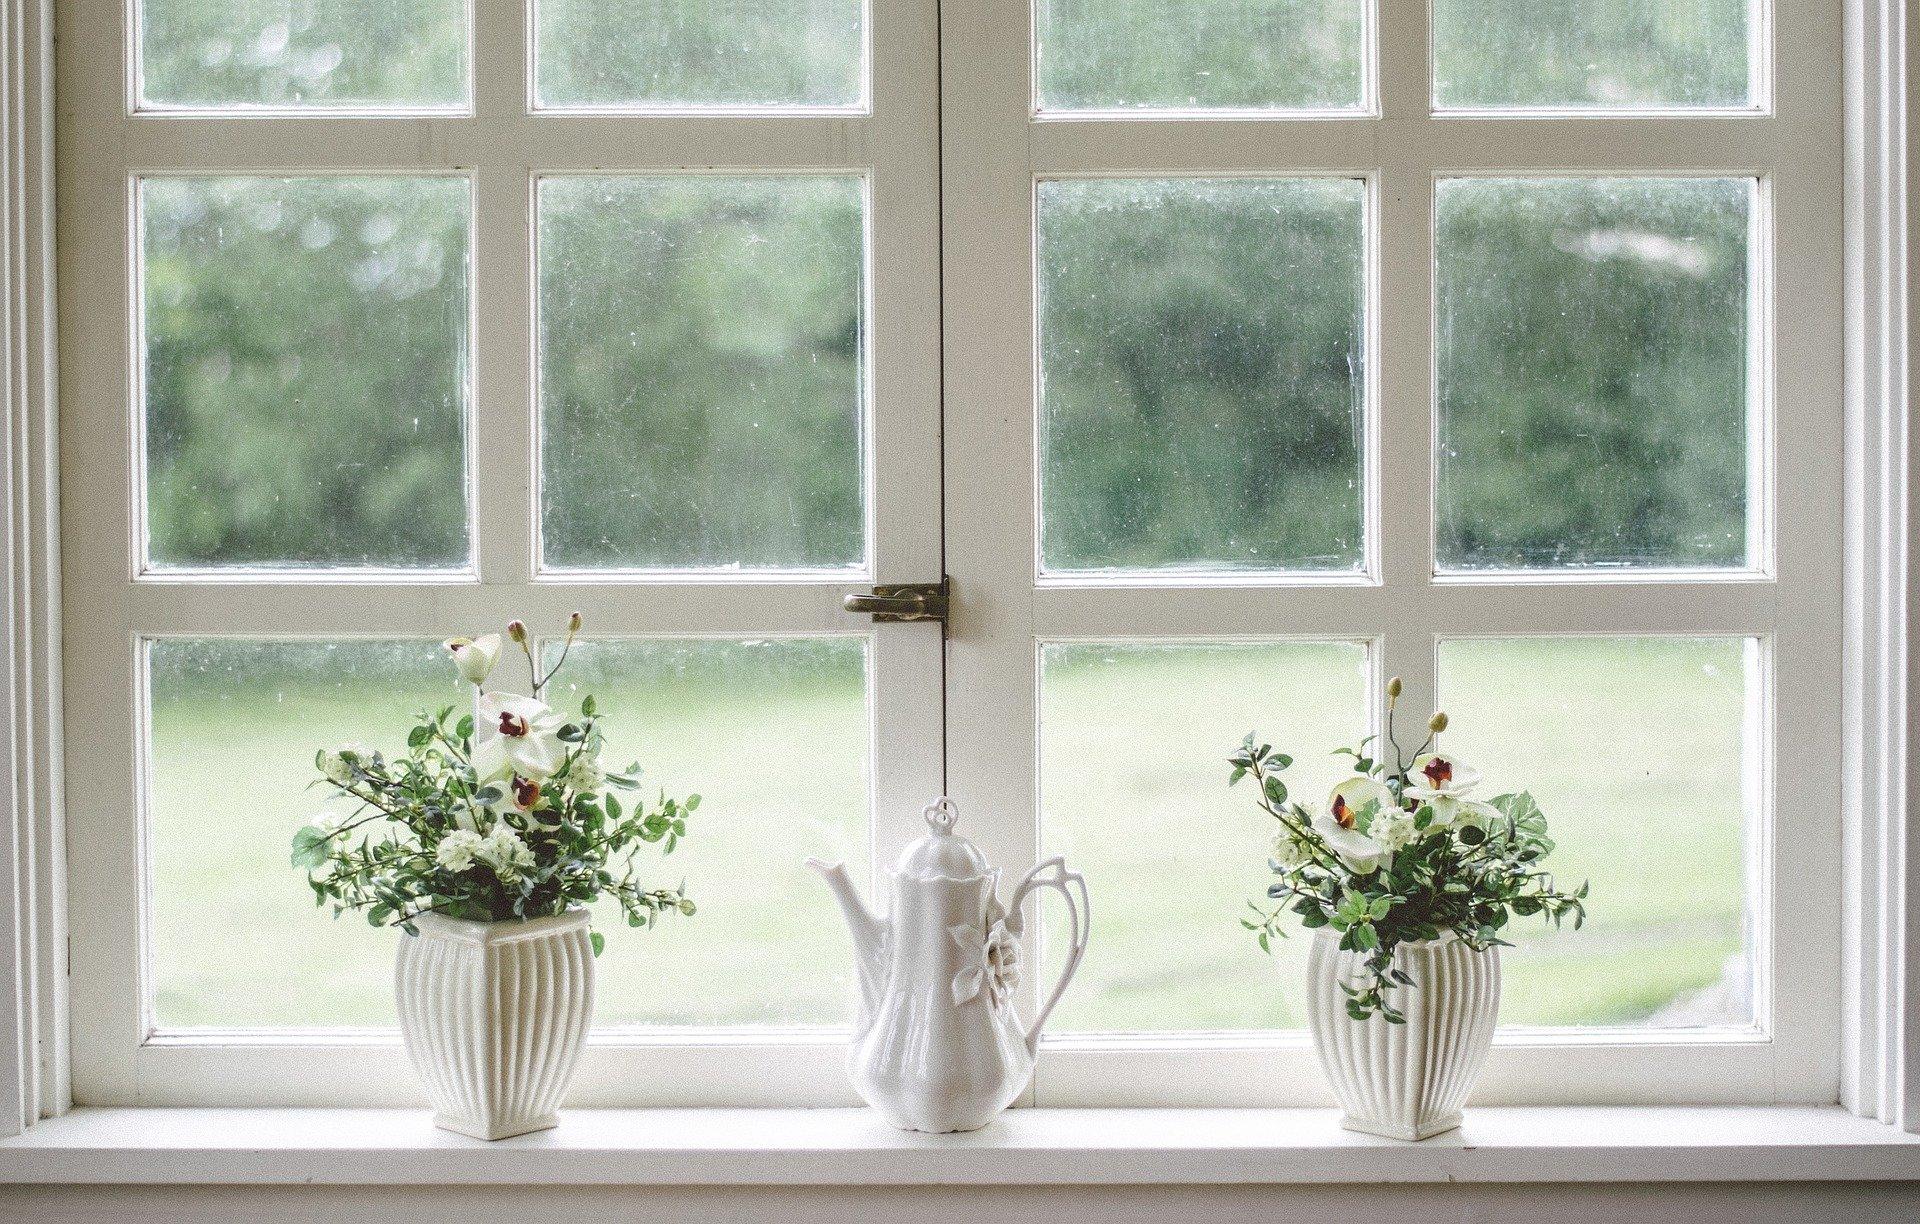 Comment faire briller ses vitres ?